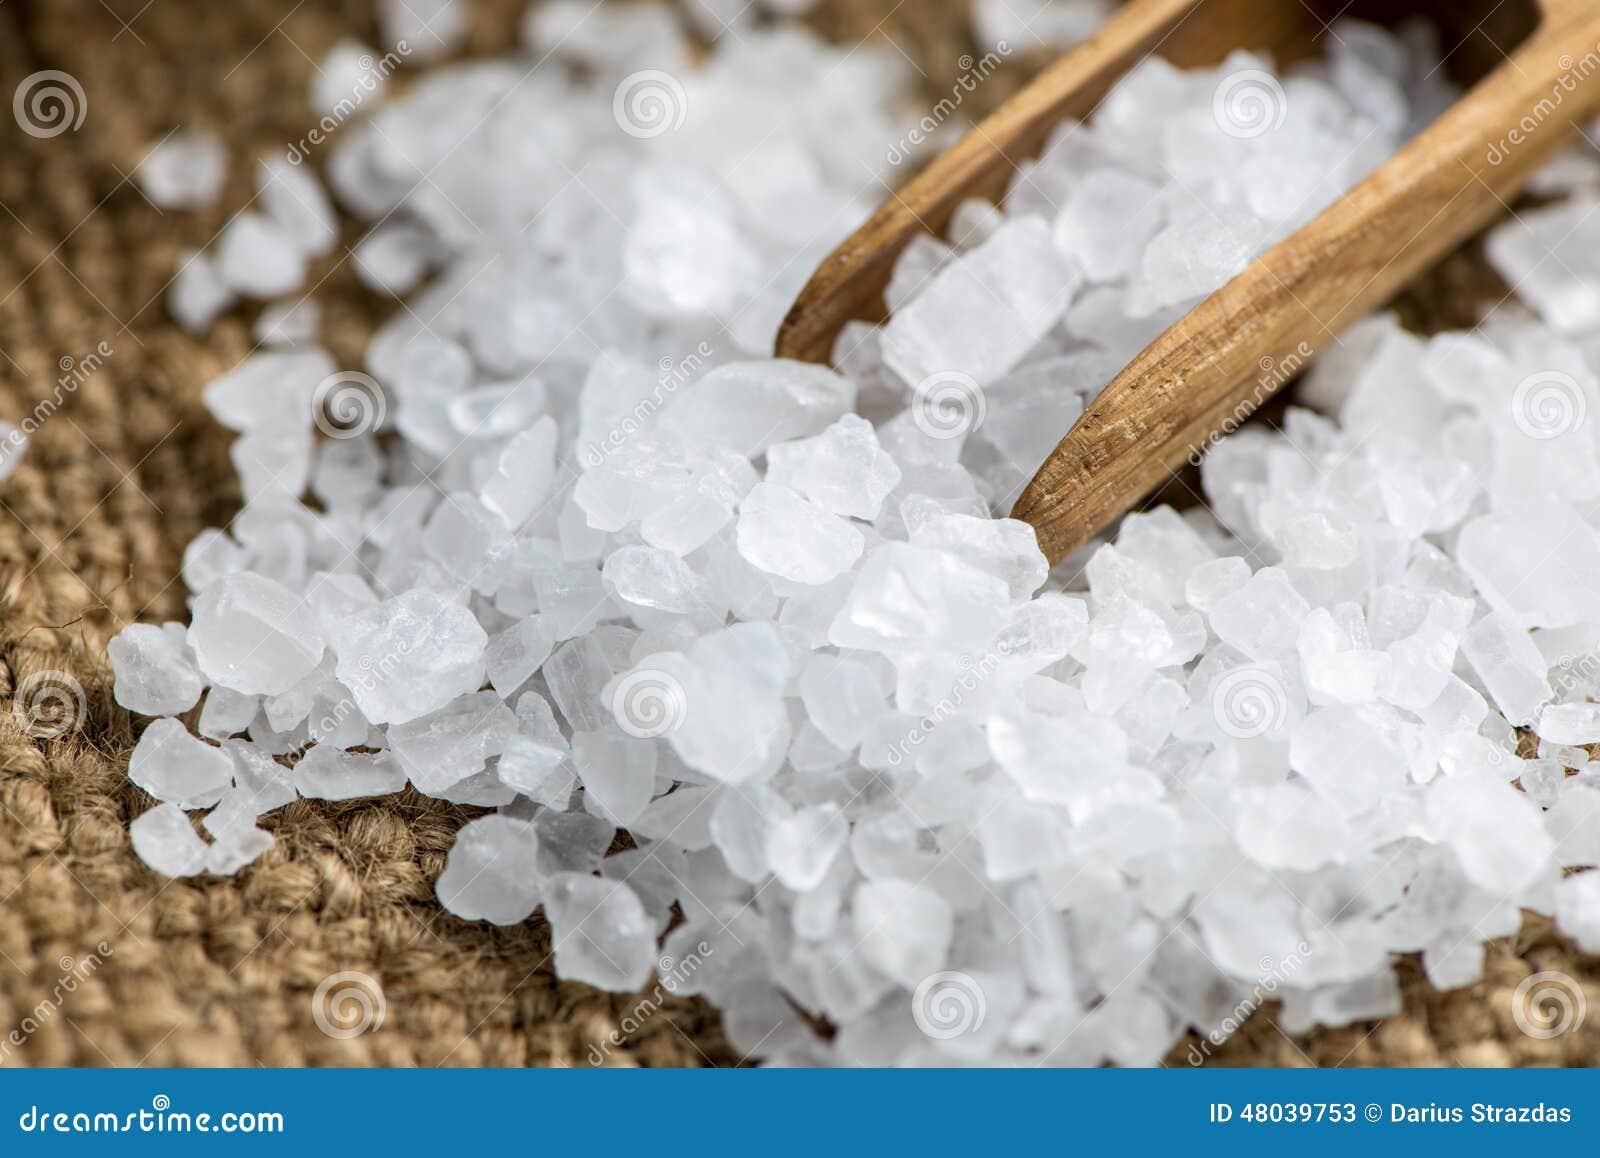 Crystal Sea Salt